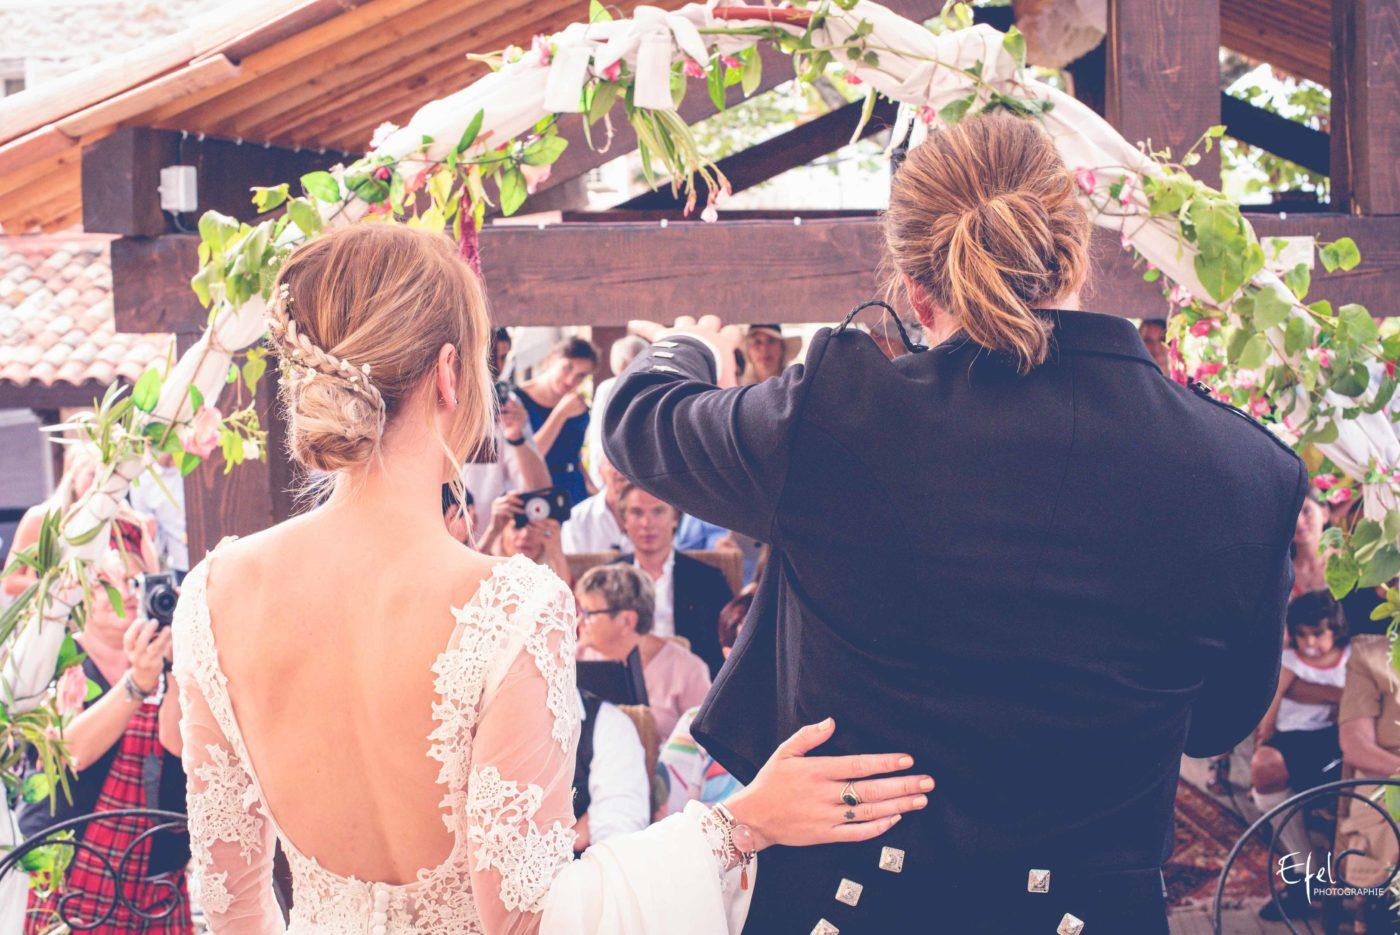 discours des mariés pendant la cérémonie laïque - photographe mariage embrun